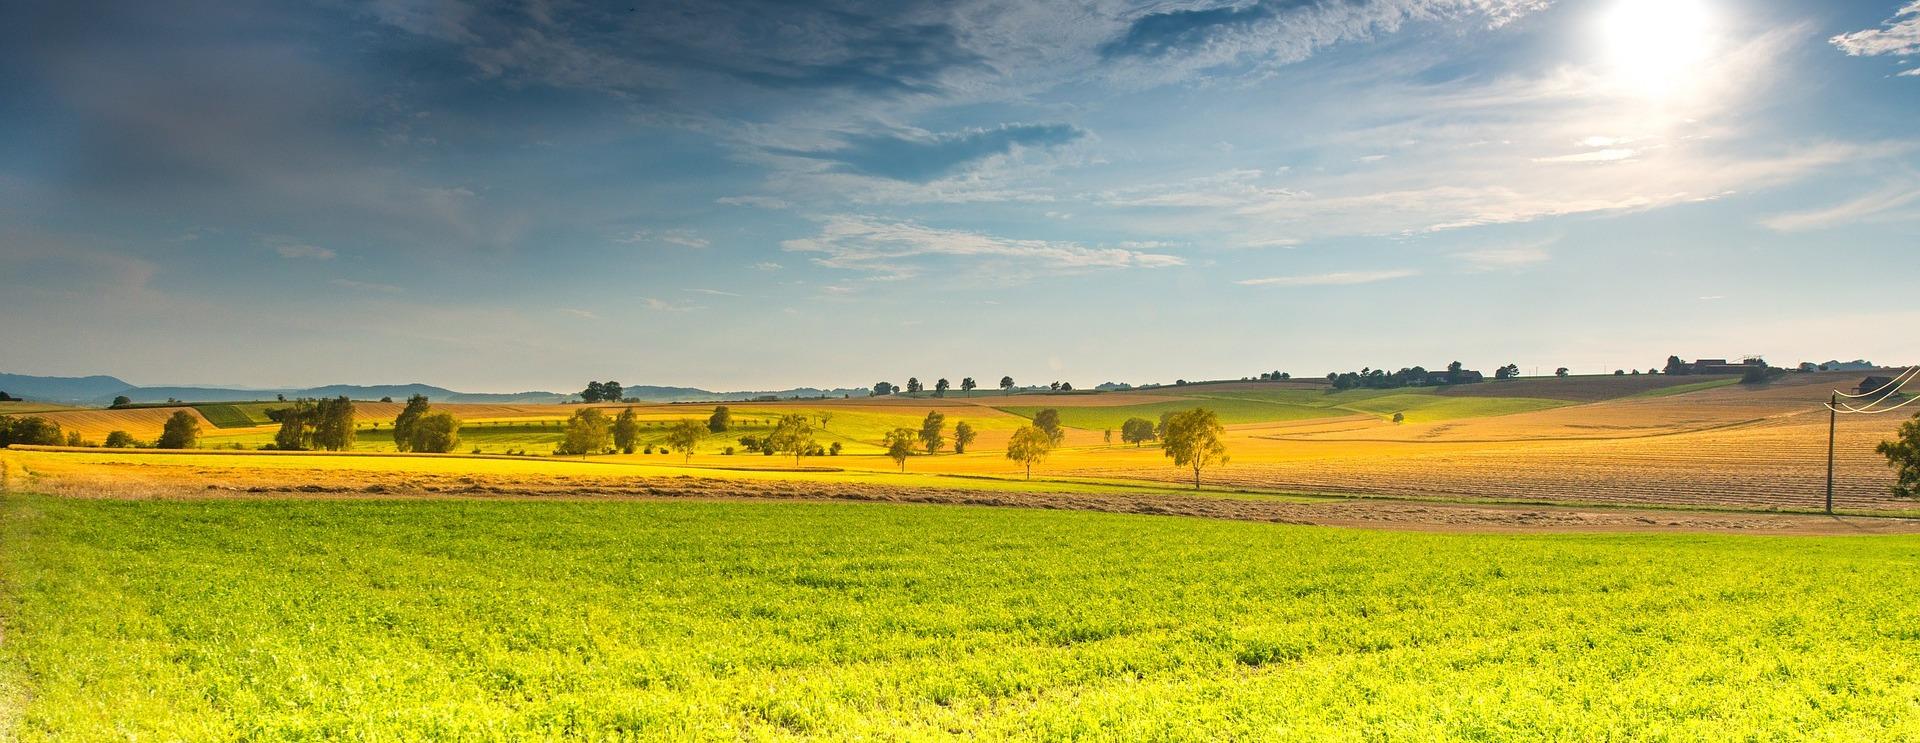 Установлен новый порог минимального надела для сельхозпроизводителей Кубани